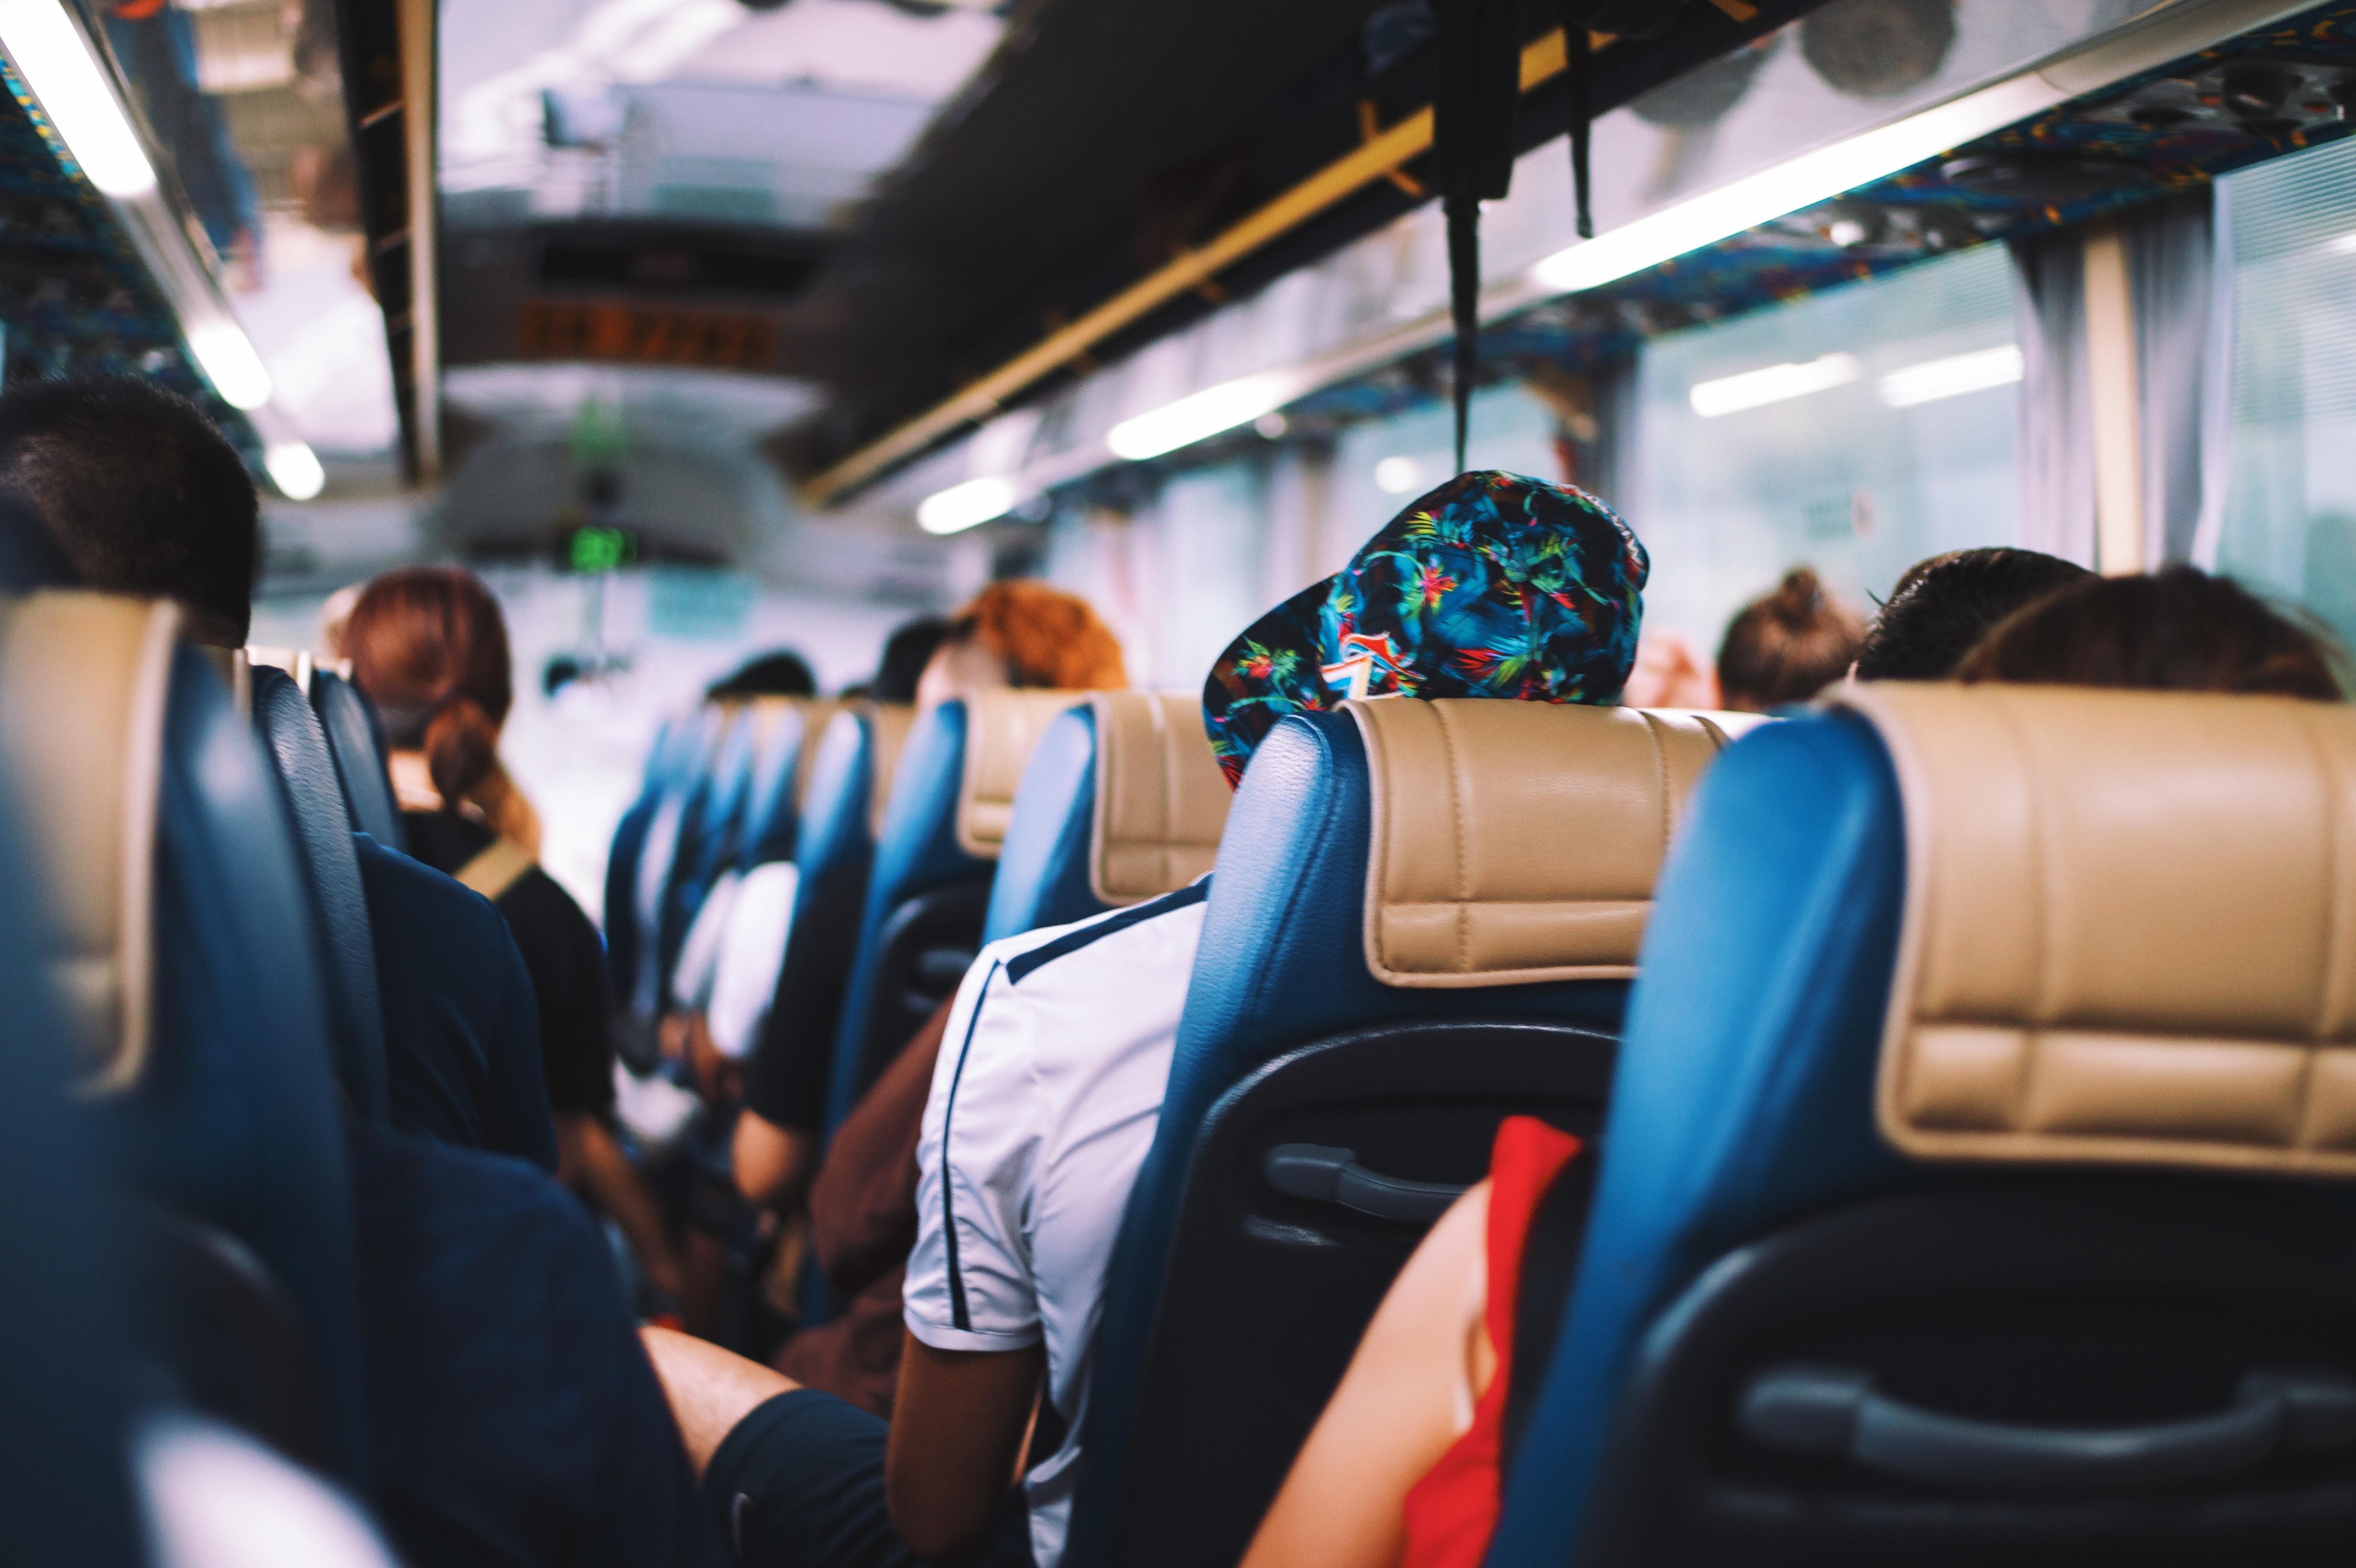 Los usuarios del bus de enhorabuena gracias a Europa